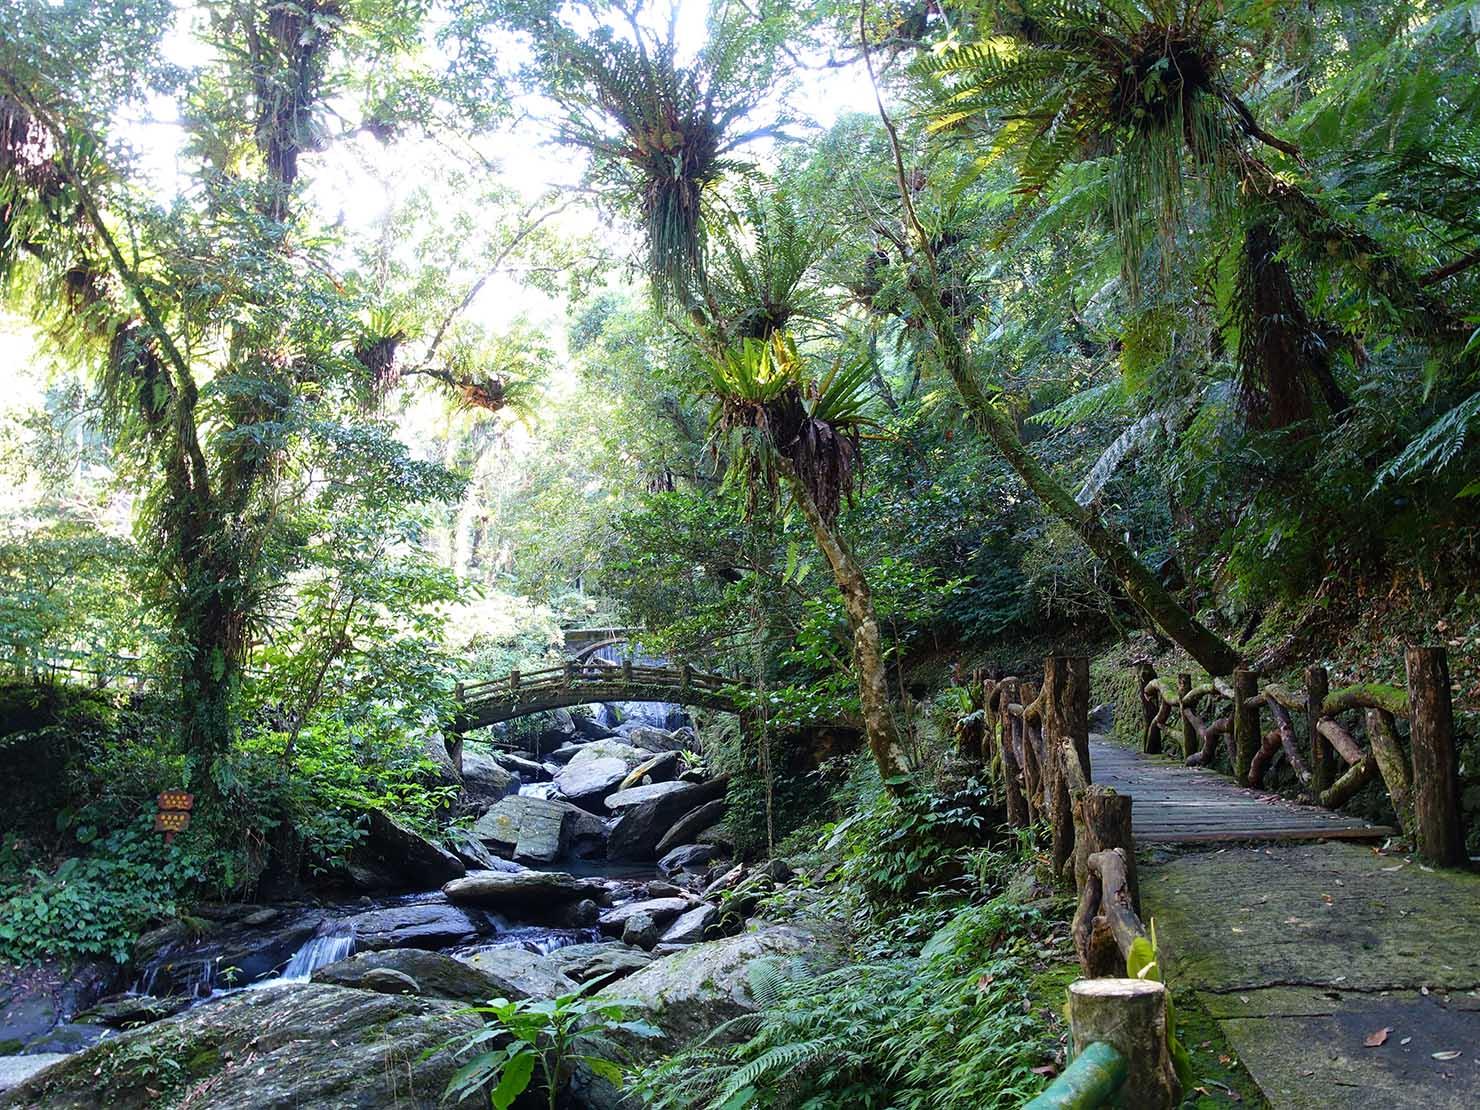 台北・烏來温泉から行けるテーマパーク「雲仙樂園」園内に広がる南国の森林